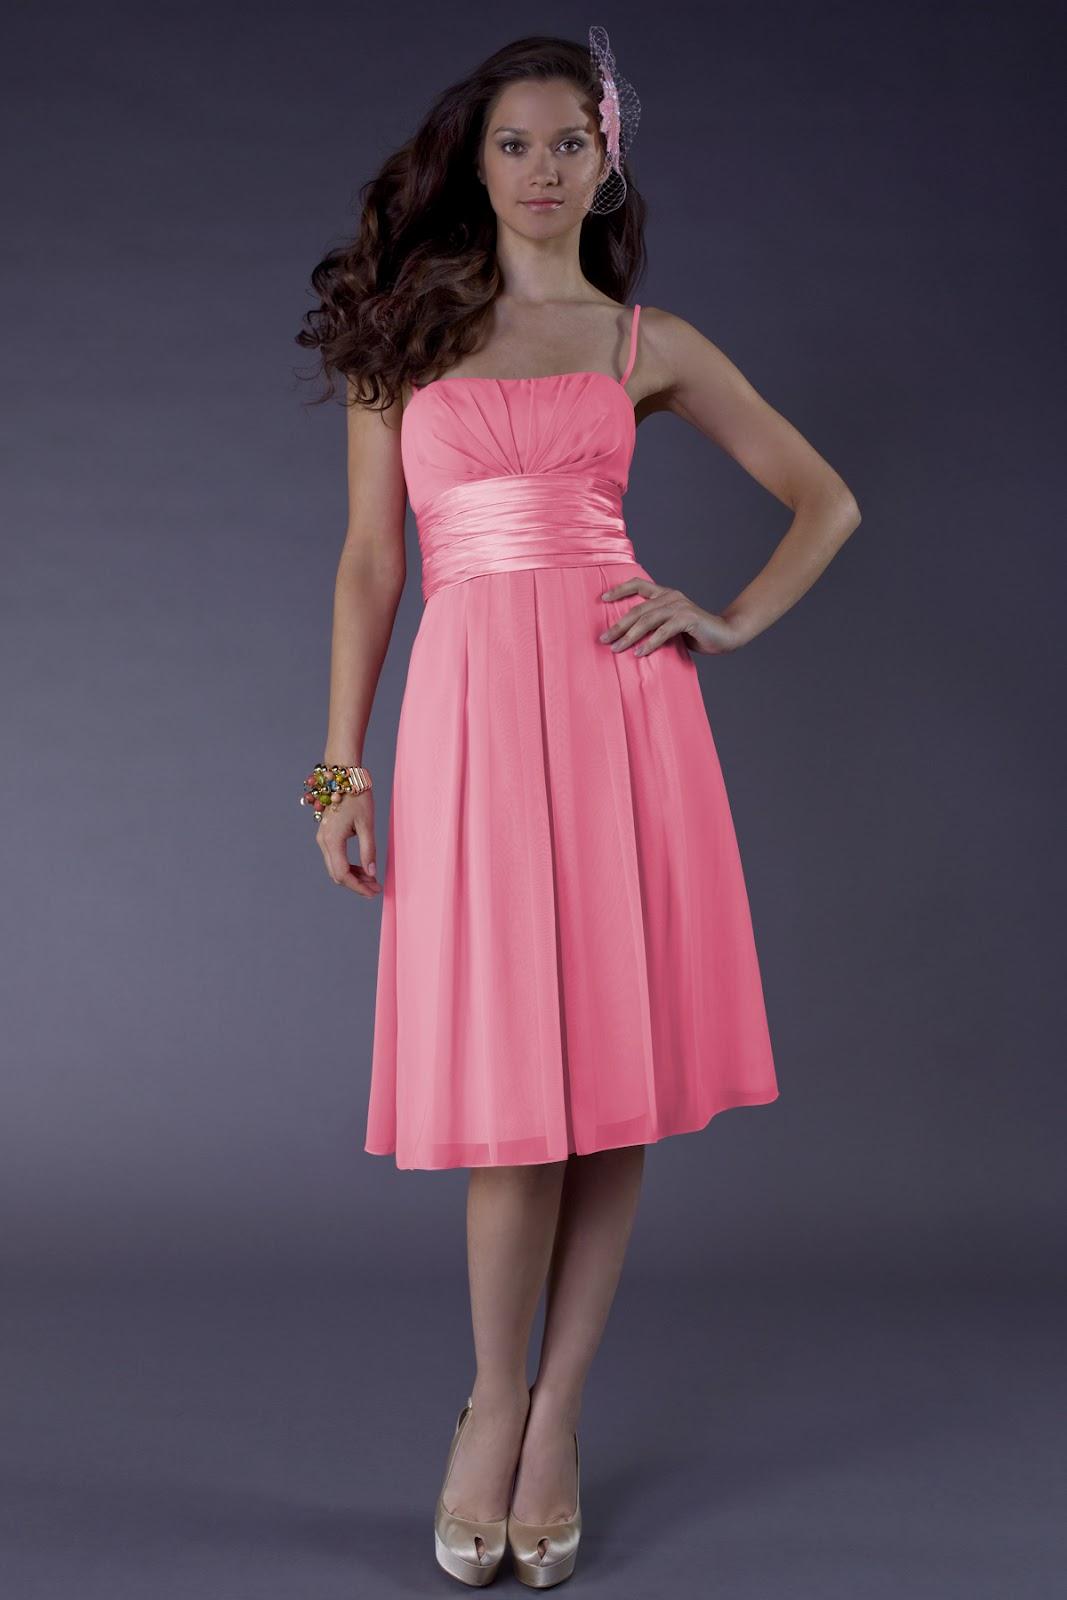 Luxus Brautkleid Online Blog Wie whlt man Brautjungfernkleid Farben fr Ihre SommerHochzeit